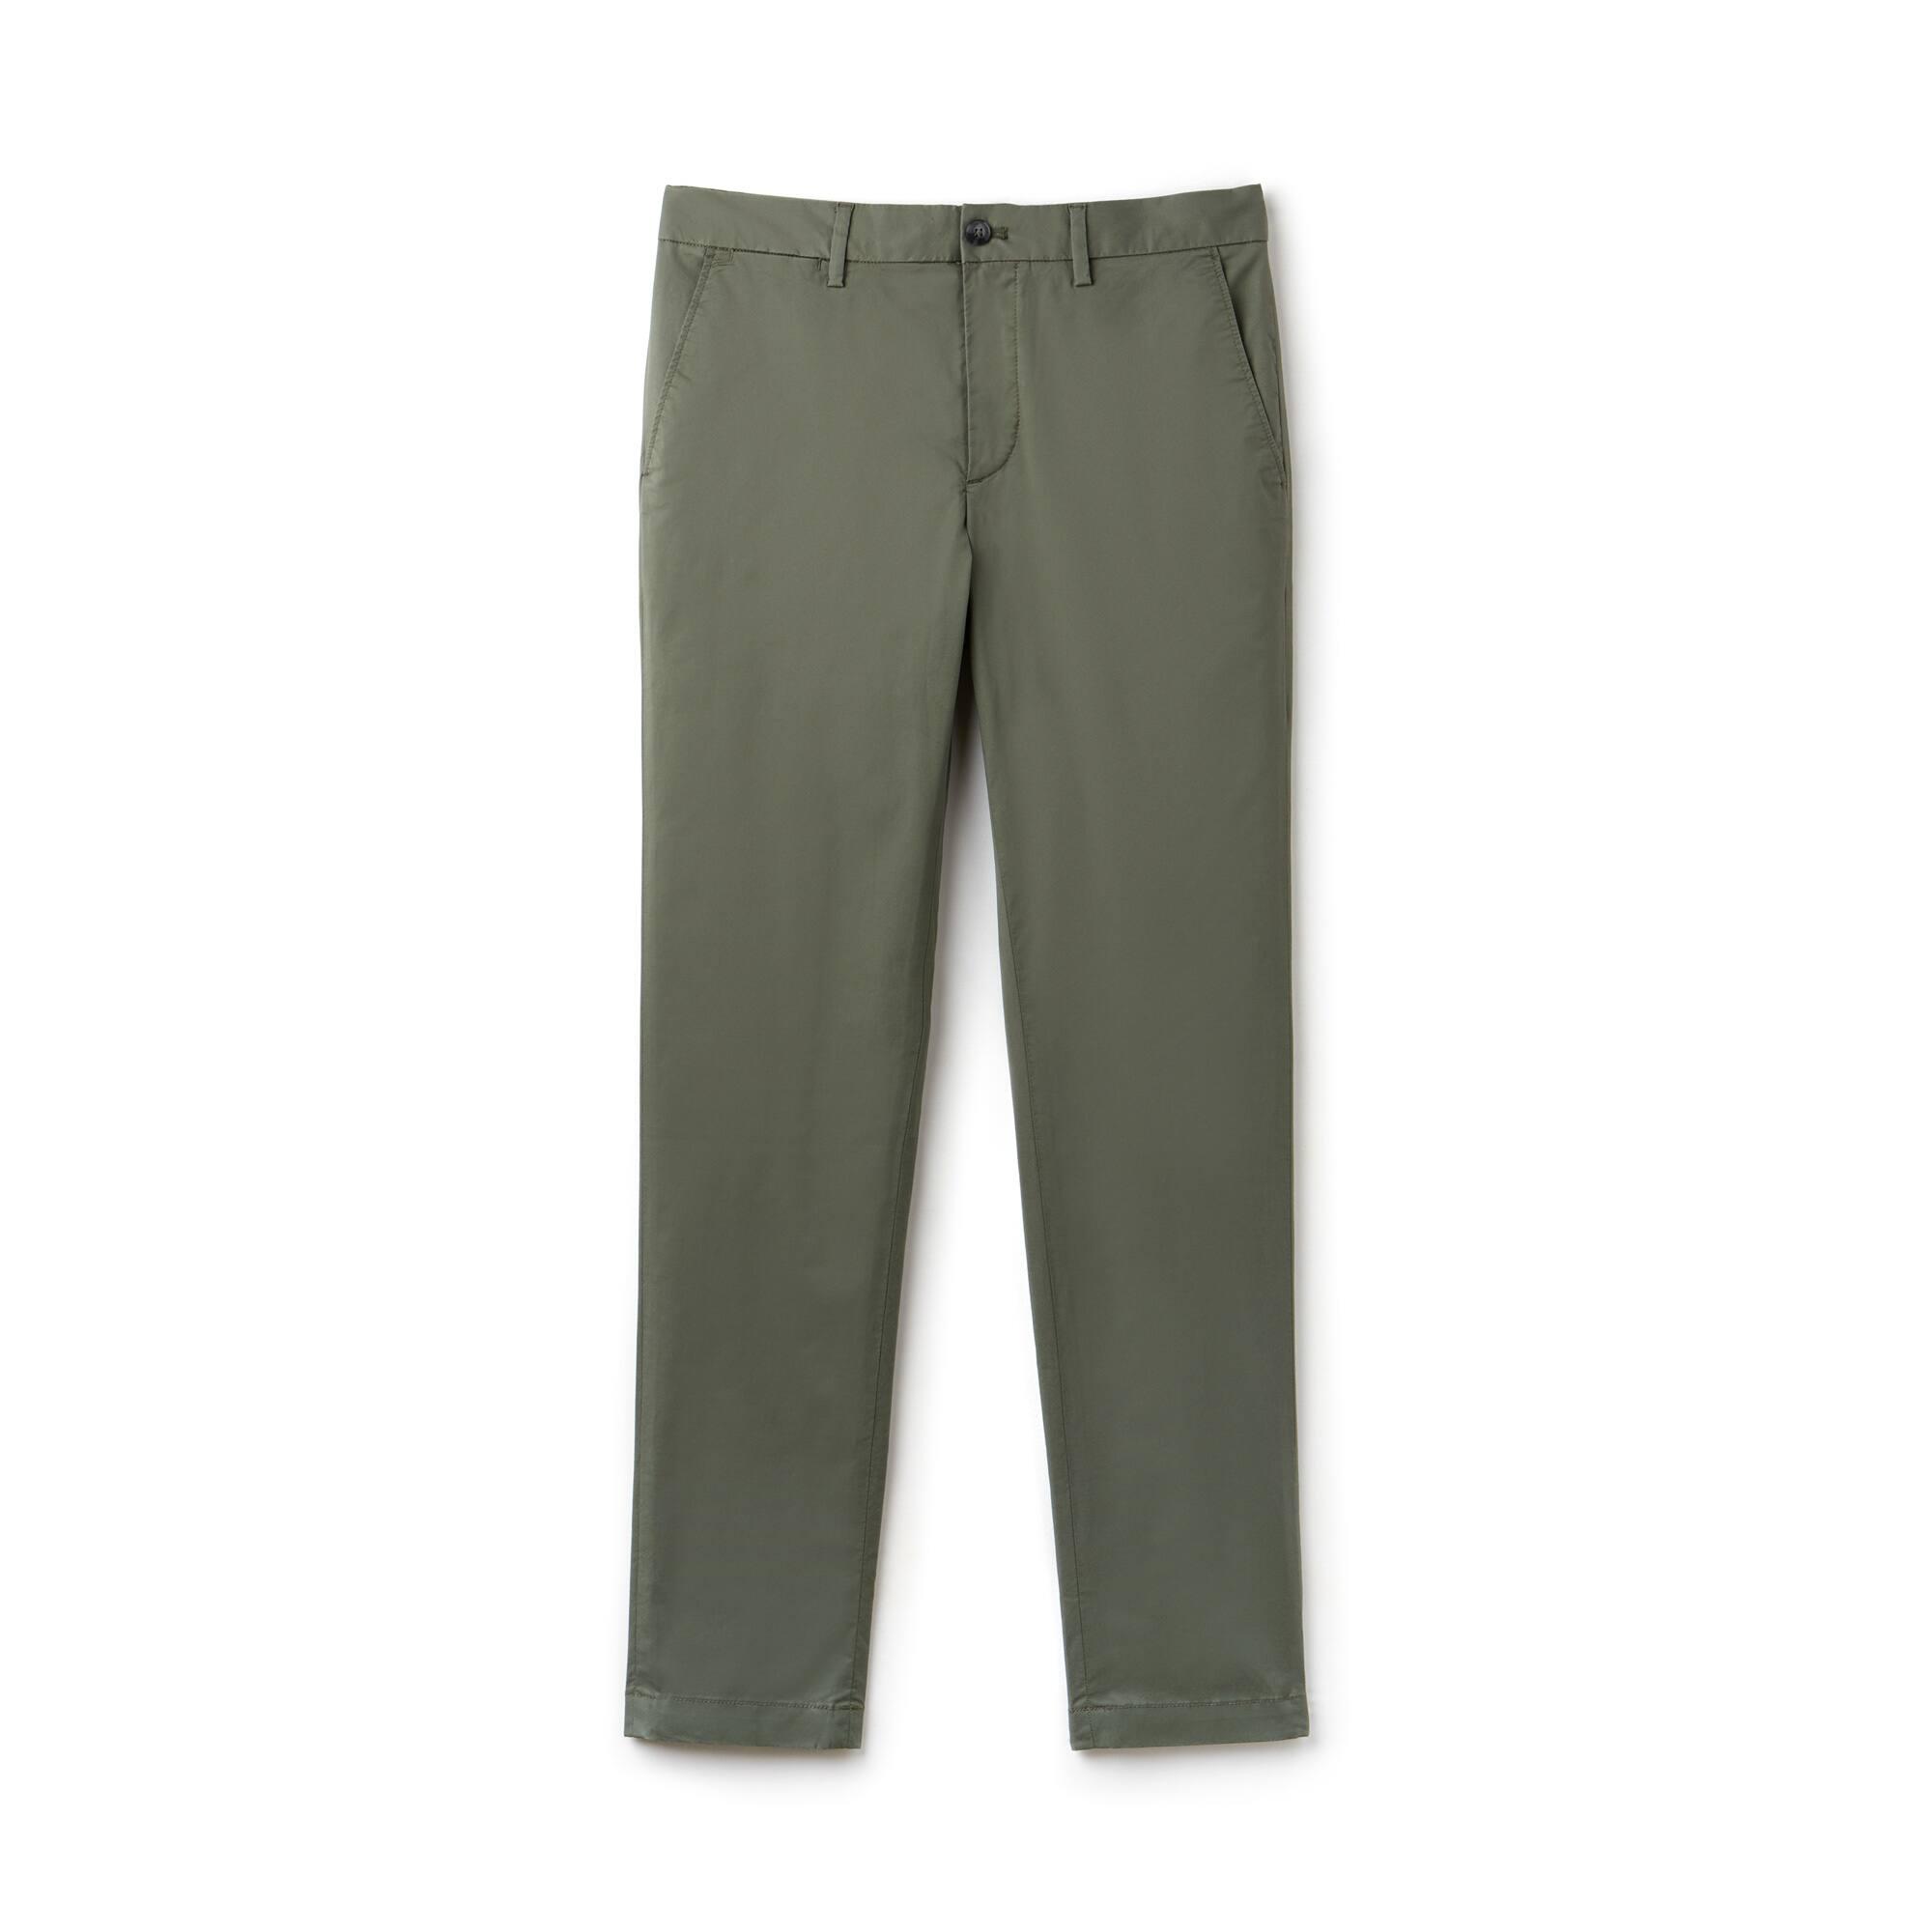 Calças chino slim fit em twill de algodão Pima stretch unicolor